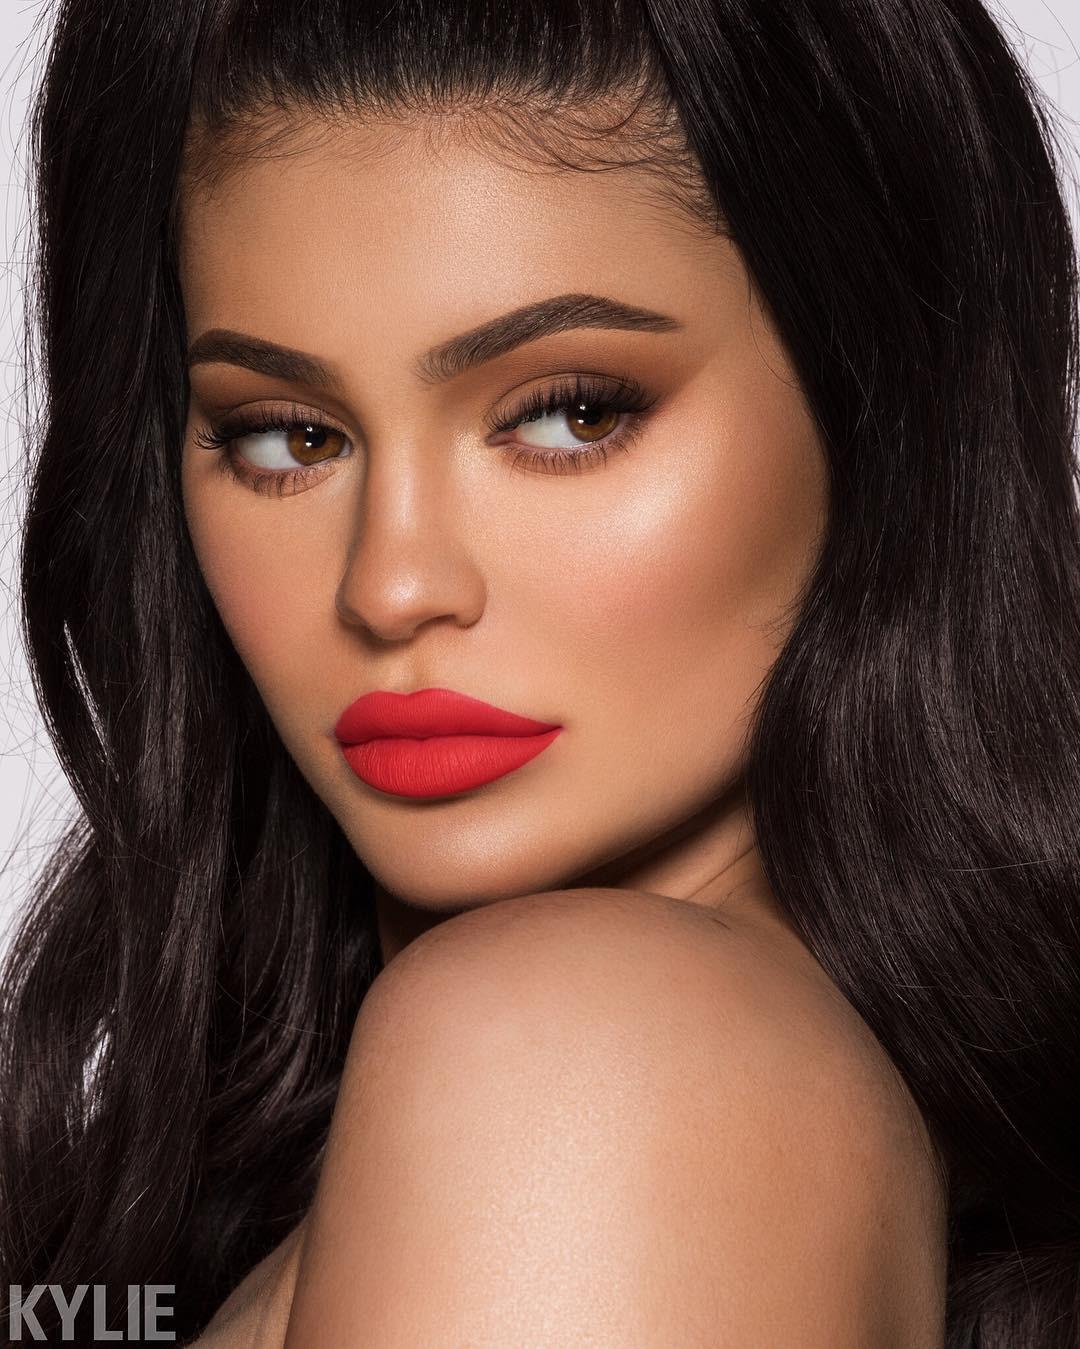 Rút bớt filler ra khỏi môi, Kylie Jenner như biến hình thành người khác mà vẫn xinh đẹp lung linh - Ảnh 6.